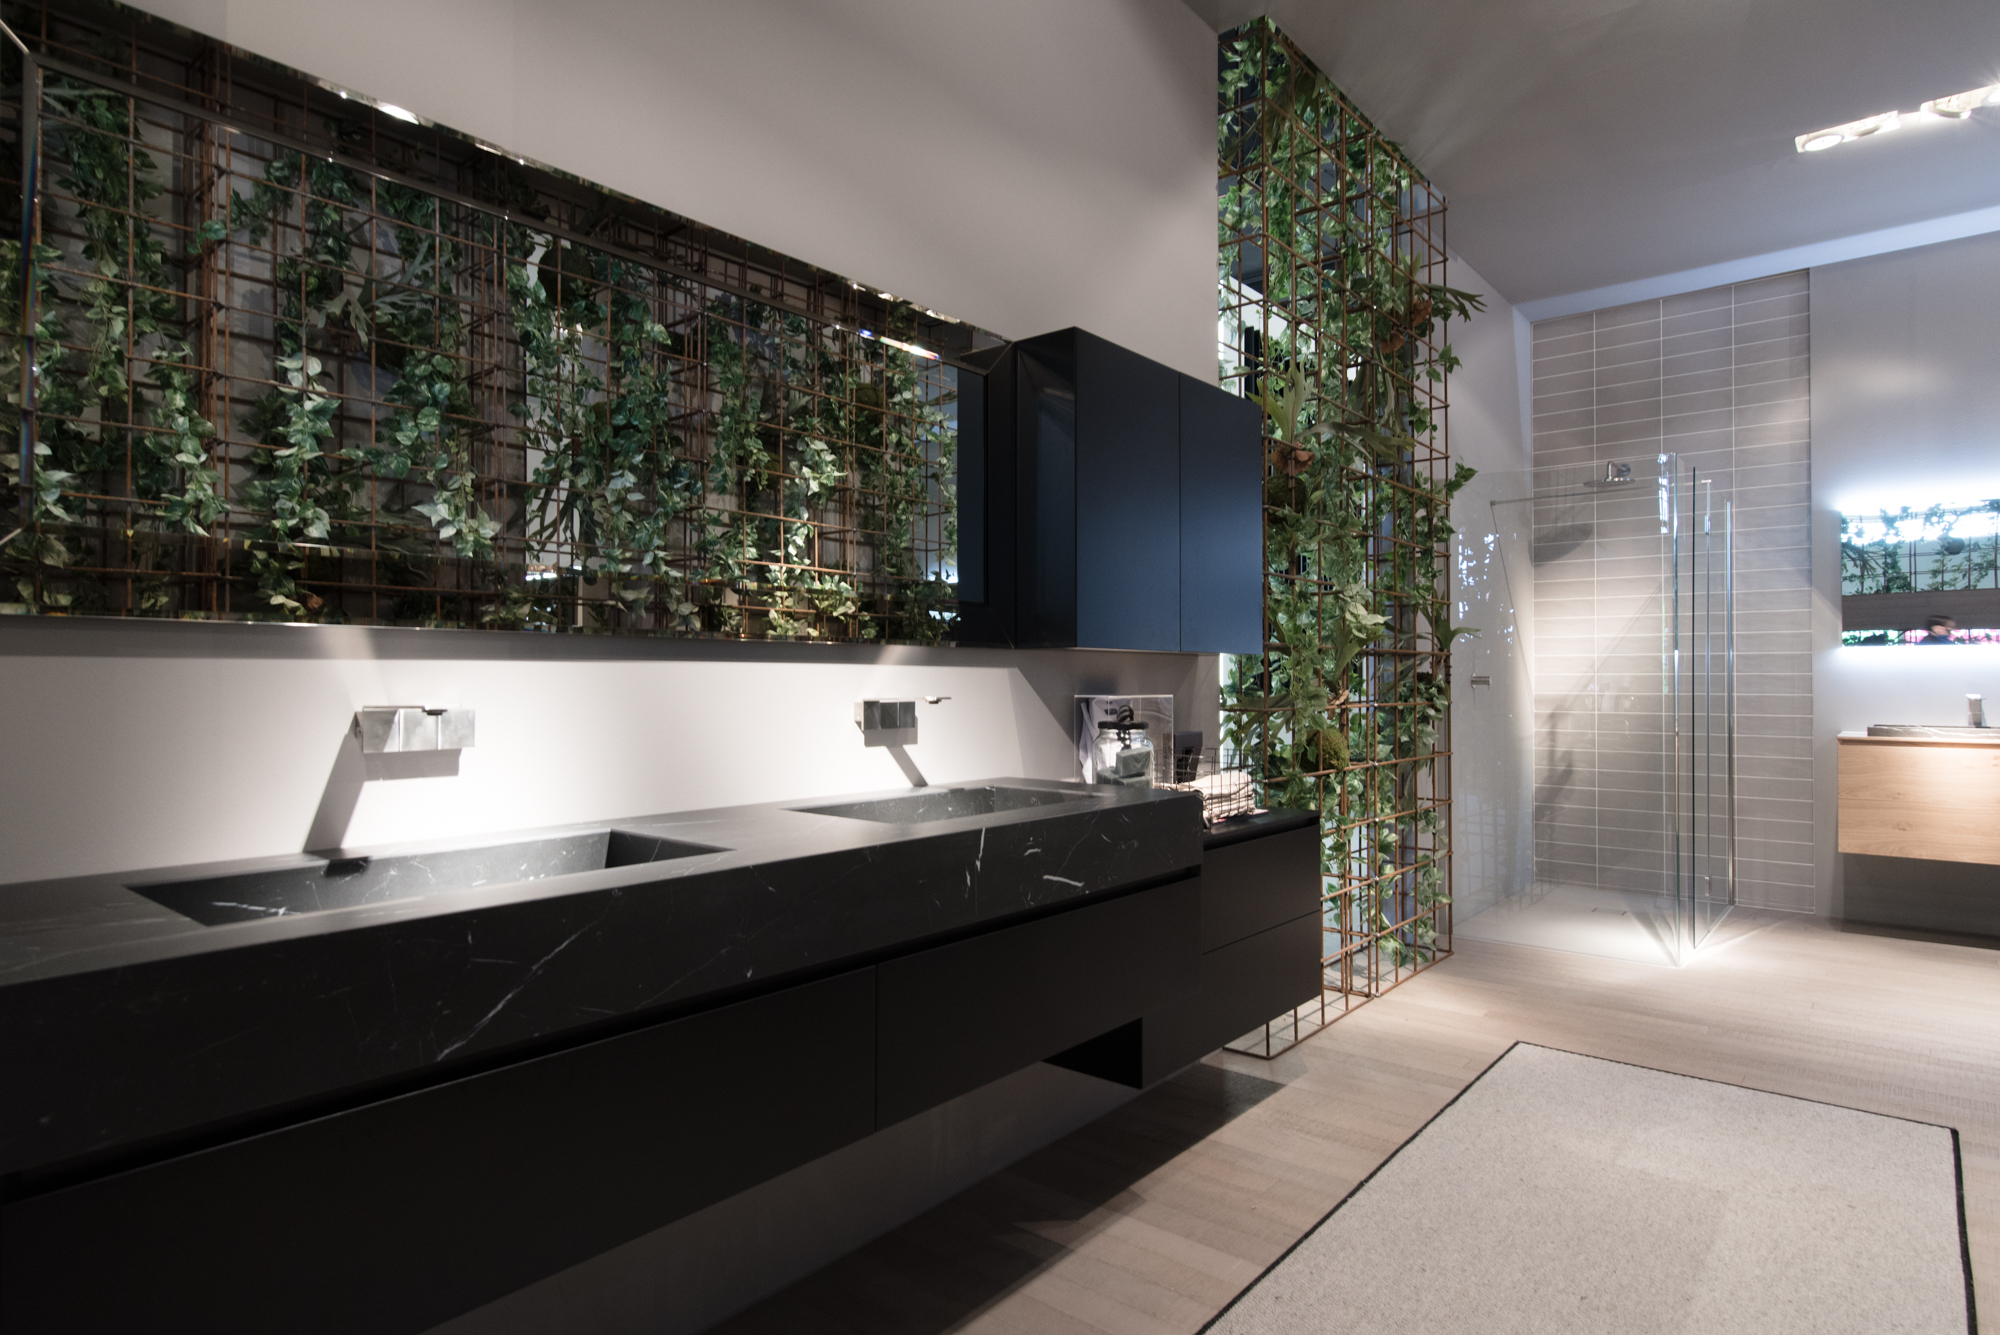 Bagni In Marmo Nero : Arredobagno arredamento cubik idea gres marmo nero ideagroup blog